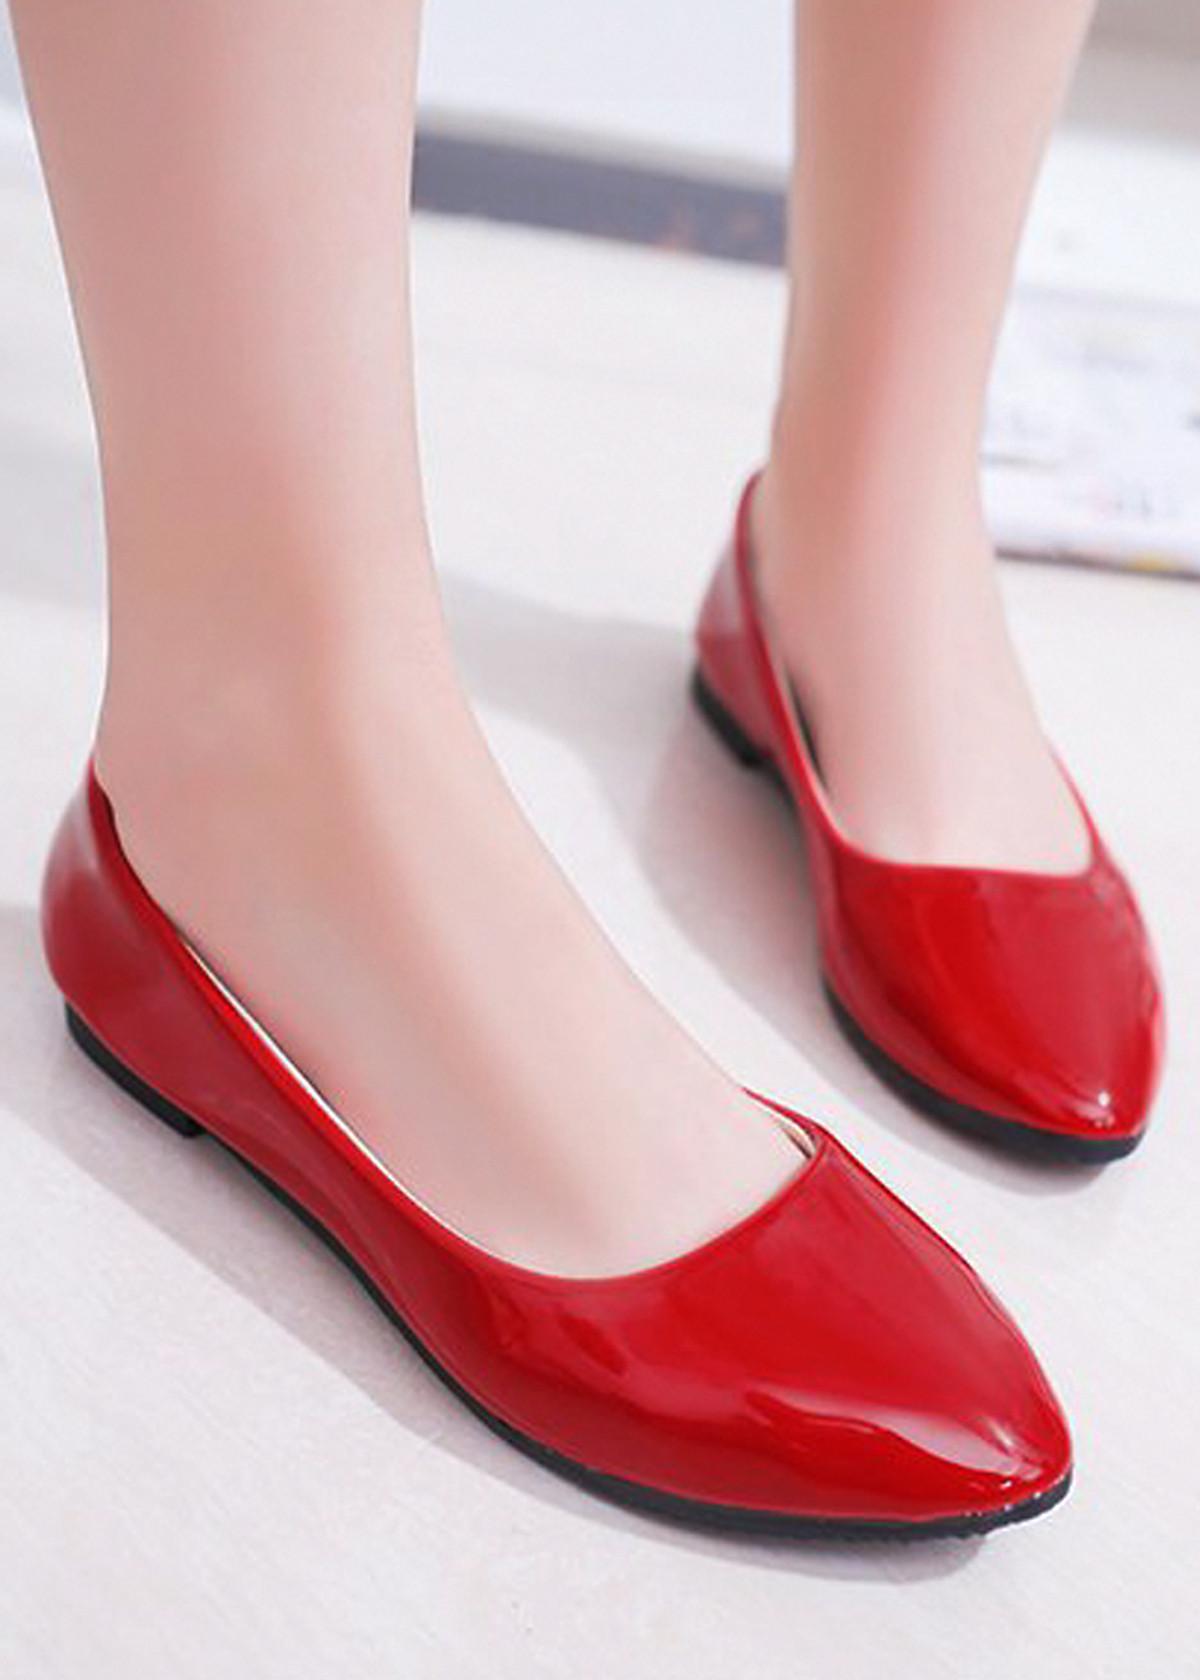 Giày búp bê da bóng mềm không đau chân , dáng chuẩn 96309 25